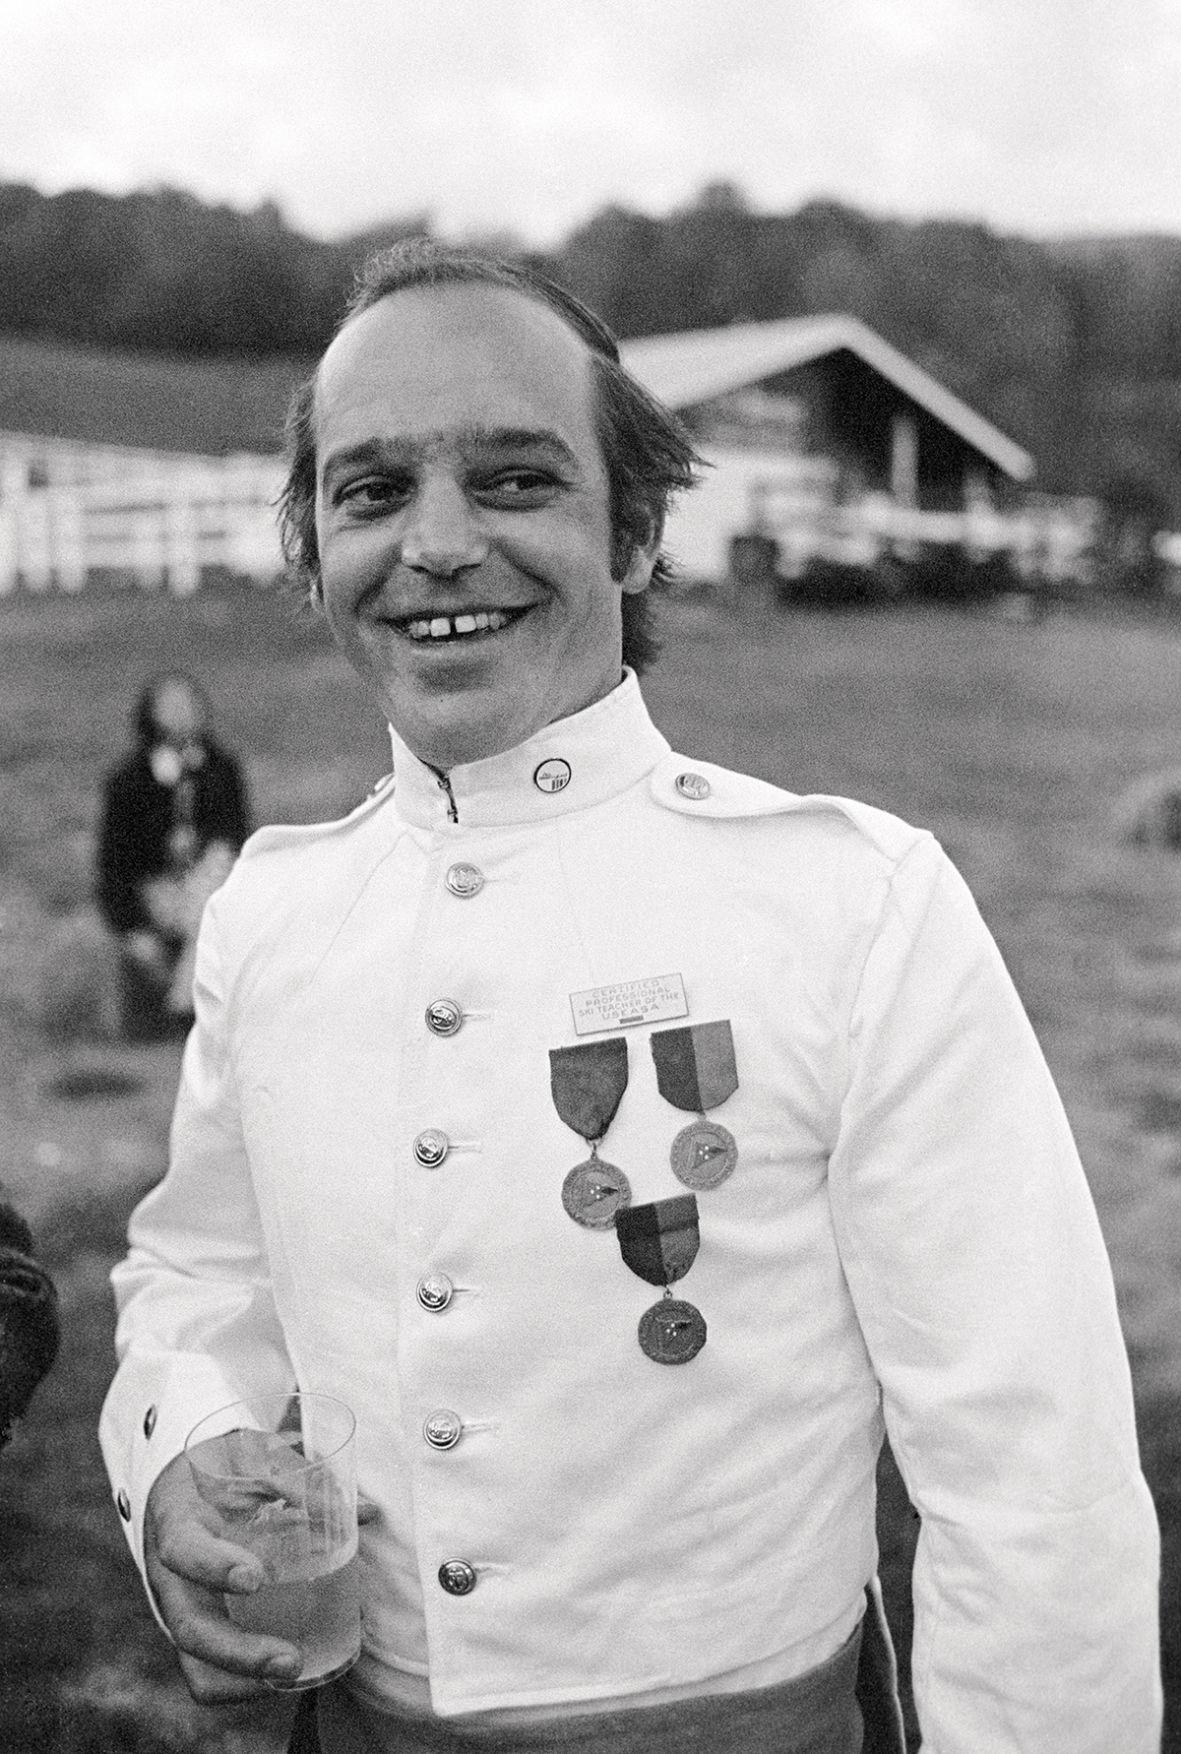 Ken Strong, 1960s